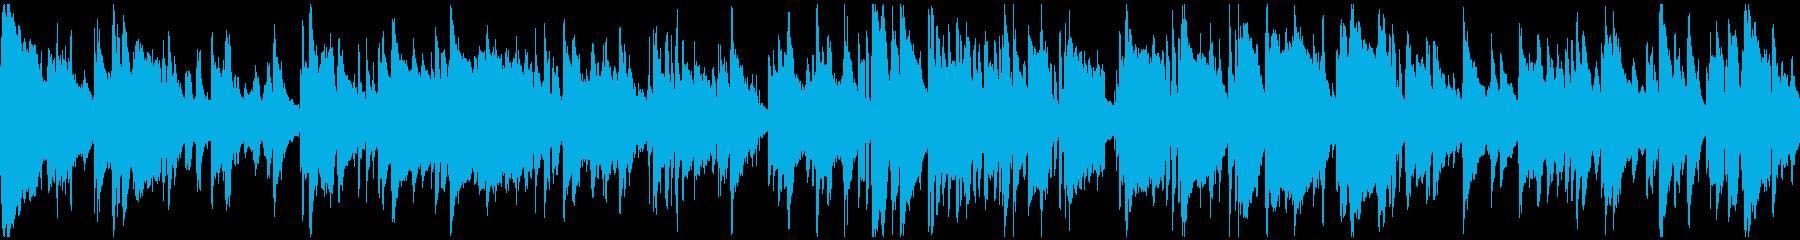 ハーレム感あるエッチなサックス※ループ版の再生済みの波形